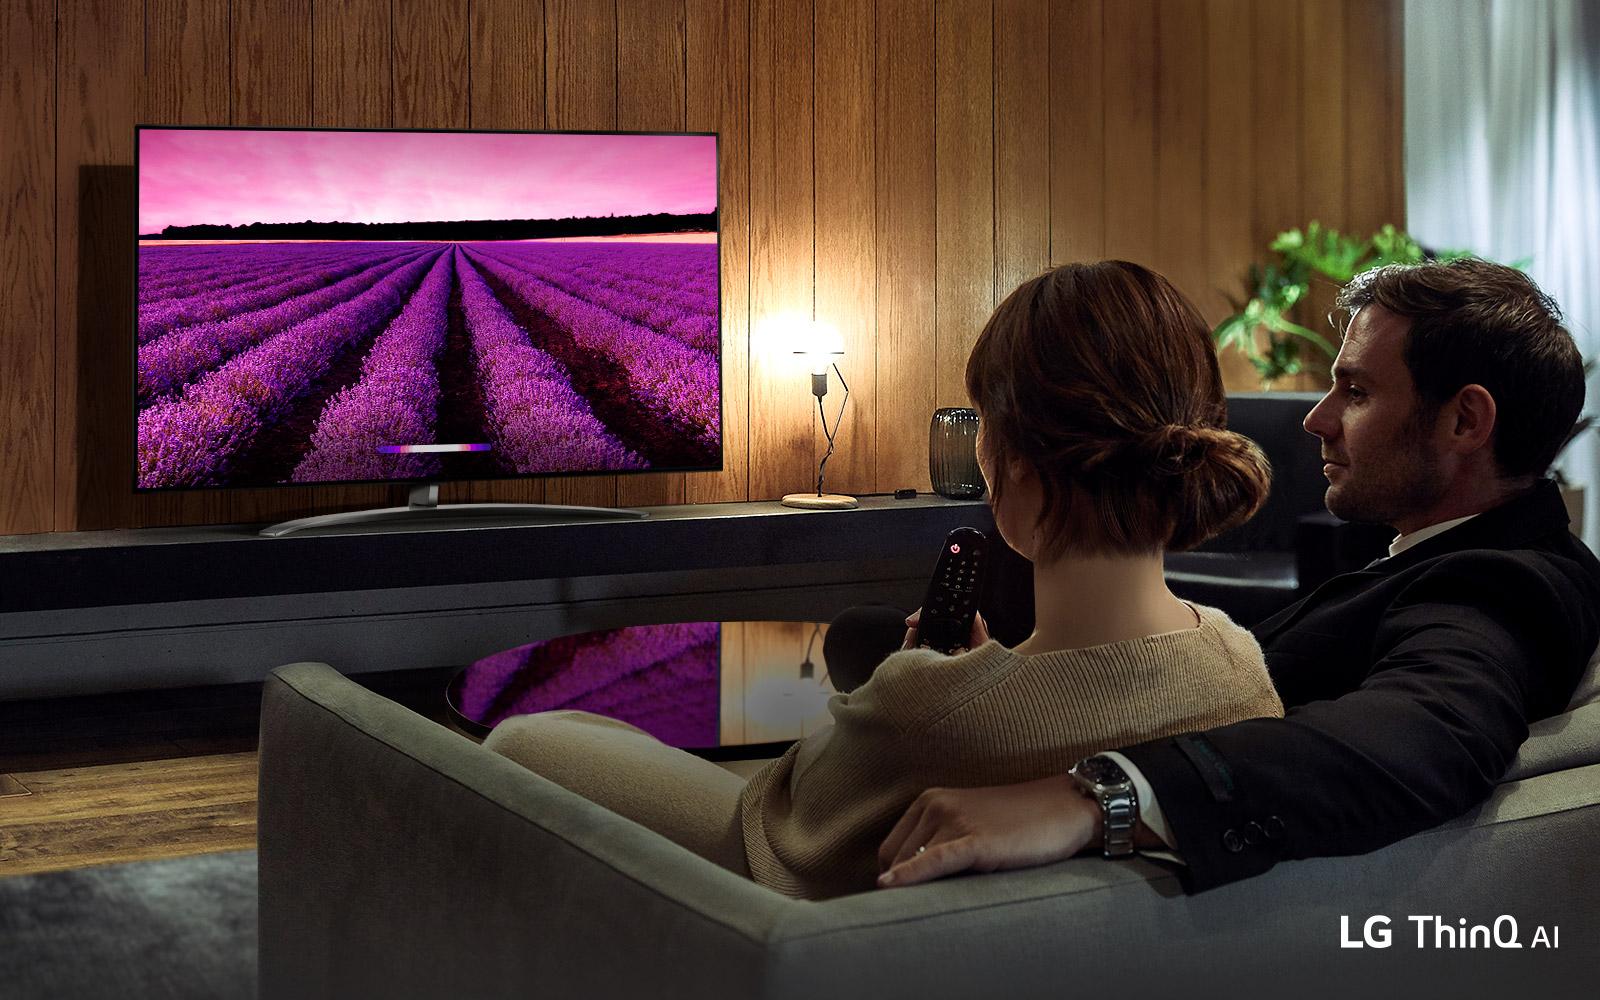 Smart Tivi LG 4K 43 inch 43UM7400PTA tích hợp trí tuệ thông minh giúp người dùng trải nghiệm hiệu quả